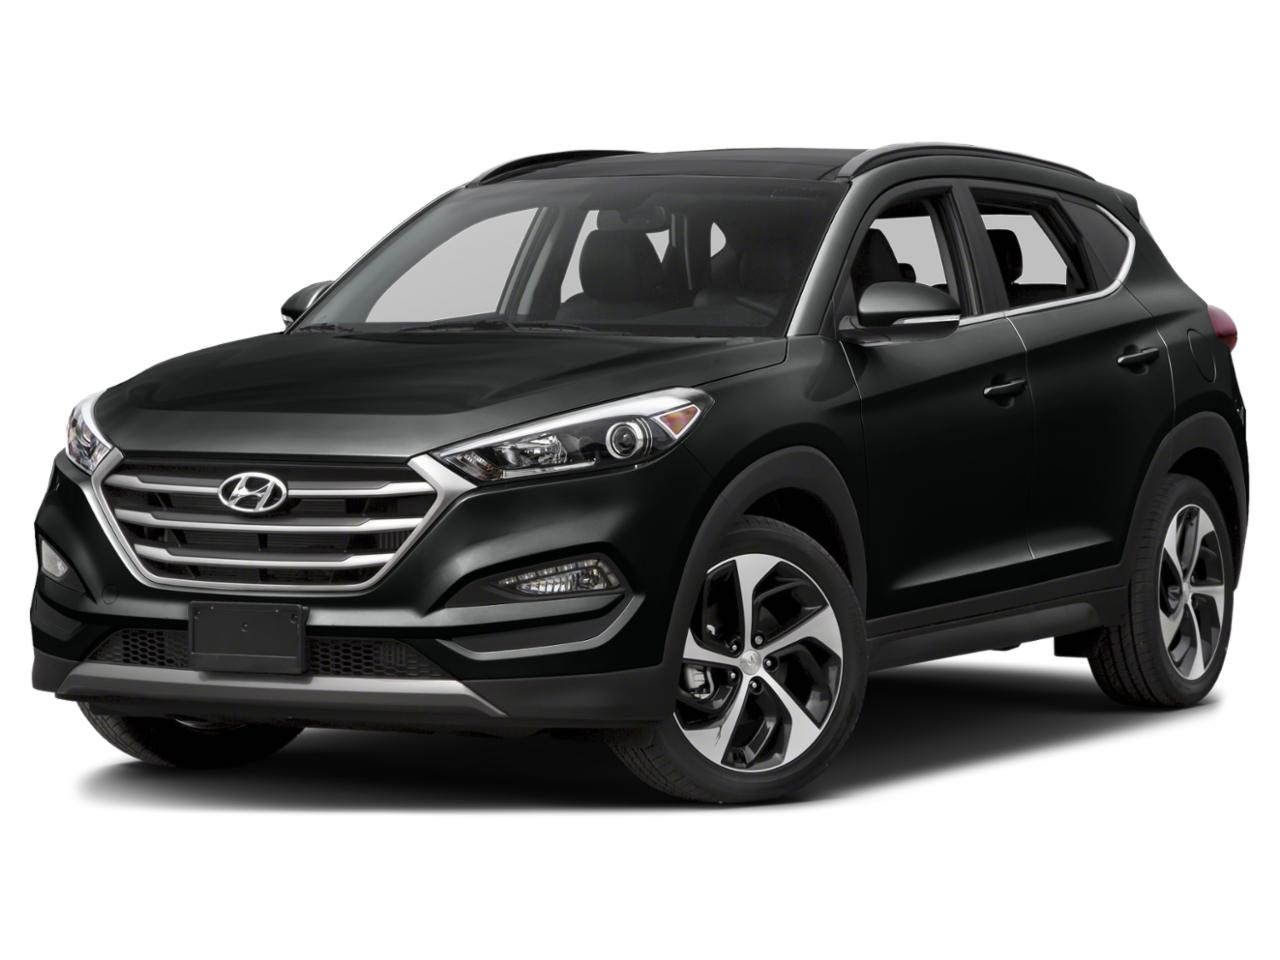 2018 Hyundai Tucson Vehicle Photo in Wilmington, NC 28403